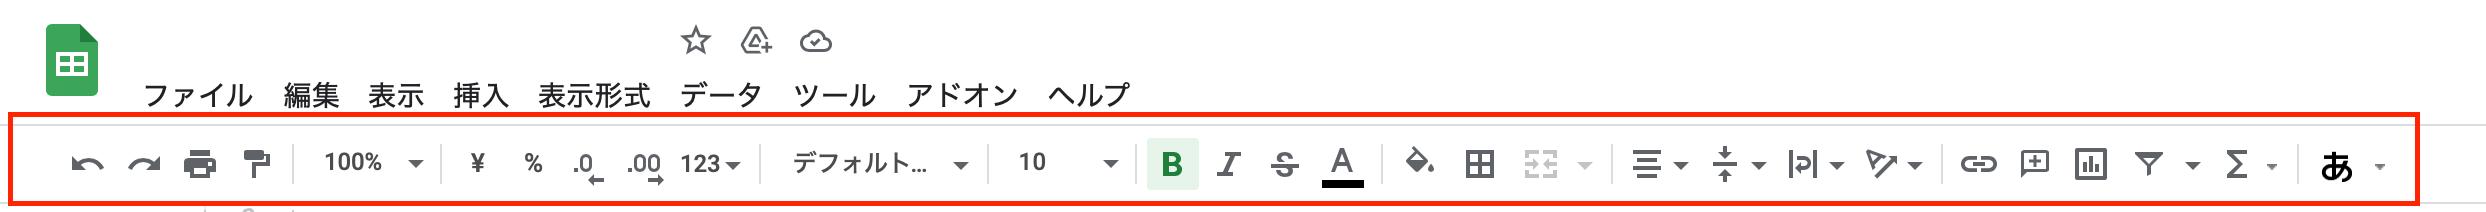 エクセル編集ツールバー|テレワークツールのブログ